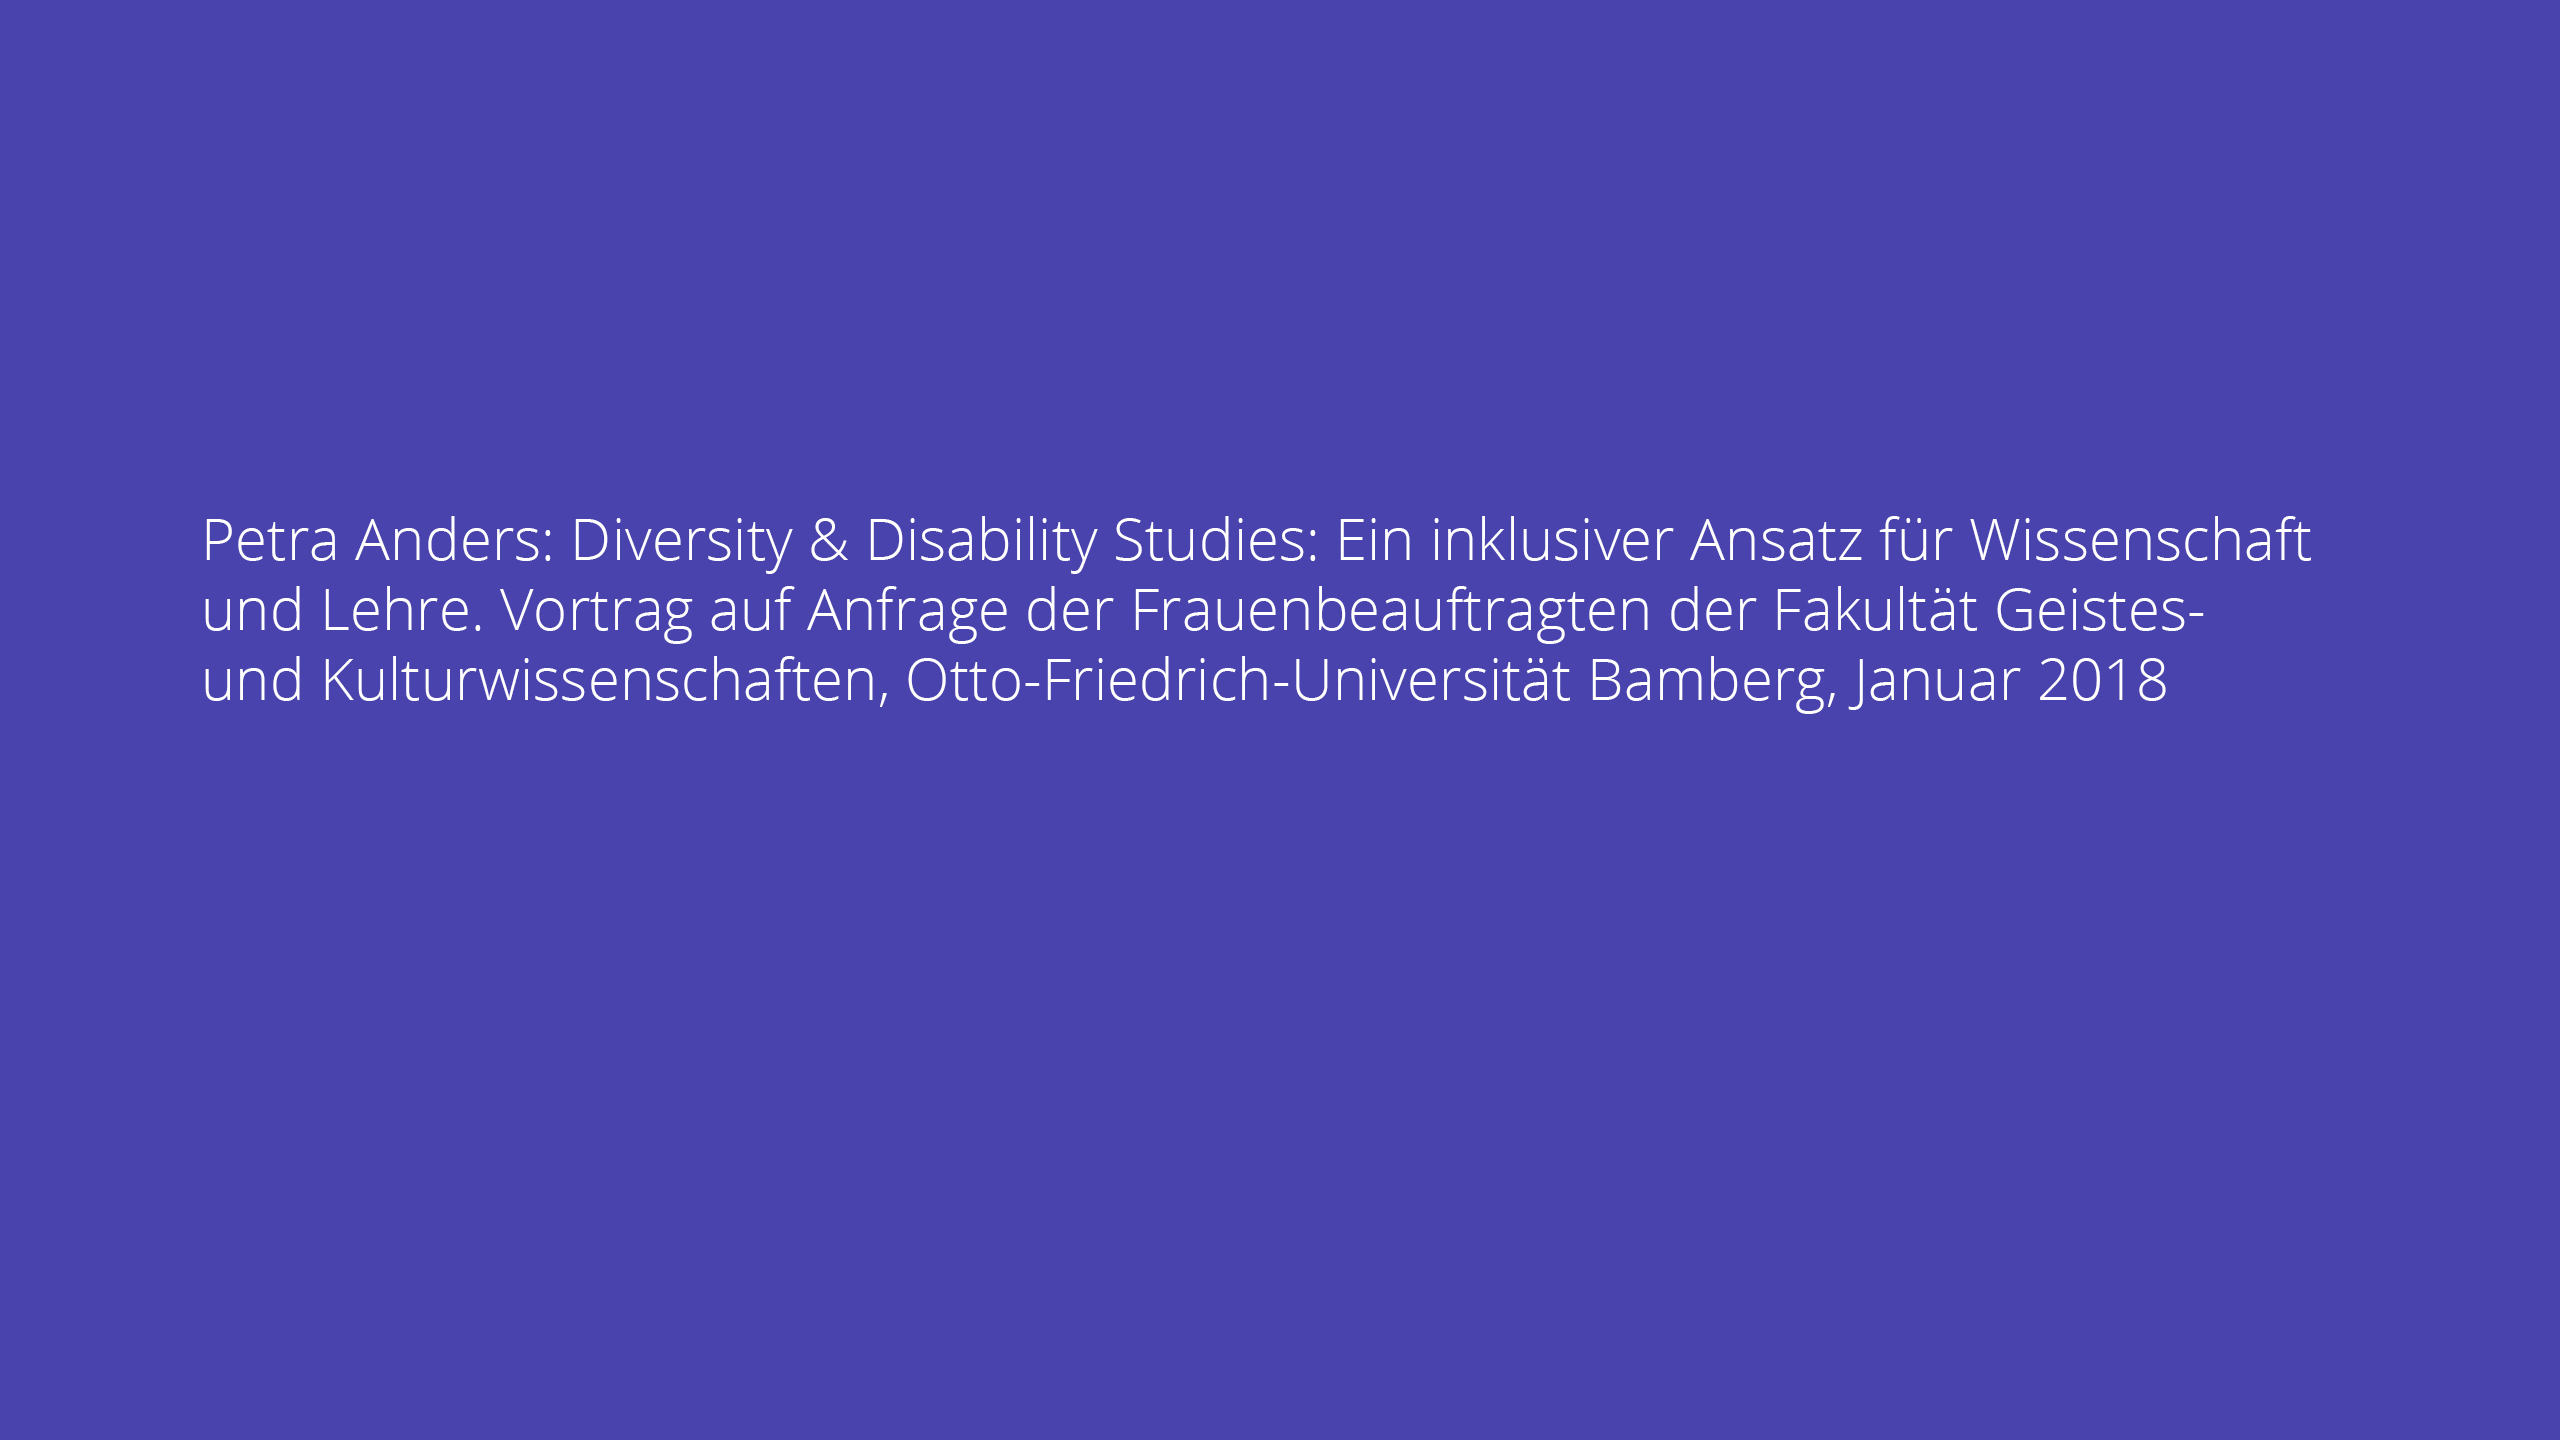 Petra Anders: Diversity & Disability Studies: Ein inklusiver Ansatz für Wissenschaft und Lehre. Vortrag auf Anfrage der Frauenbeauftragten der Fakultät Geistes- und Kulturwissenschaften, Otto-Friedrich-Universität Bamberg, Januar 2018